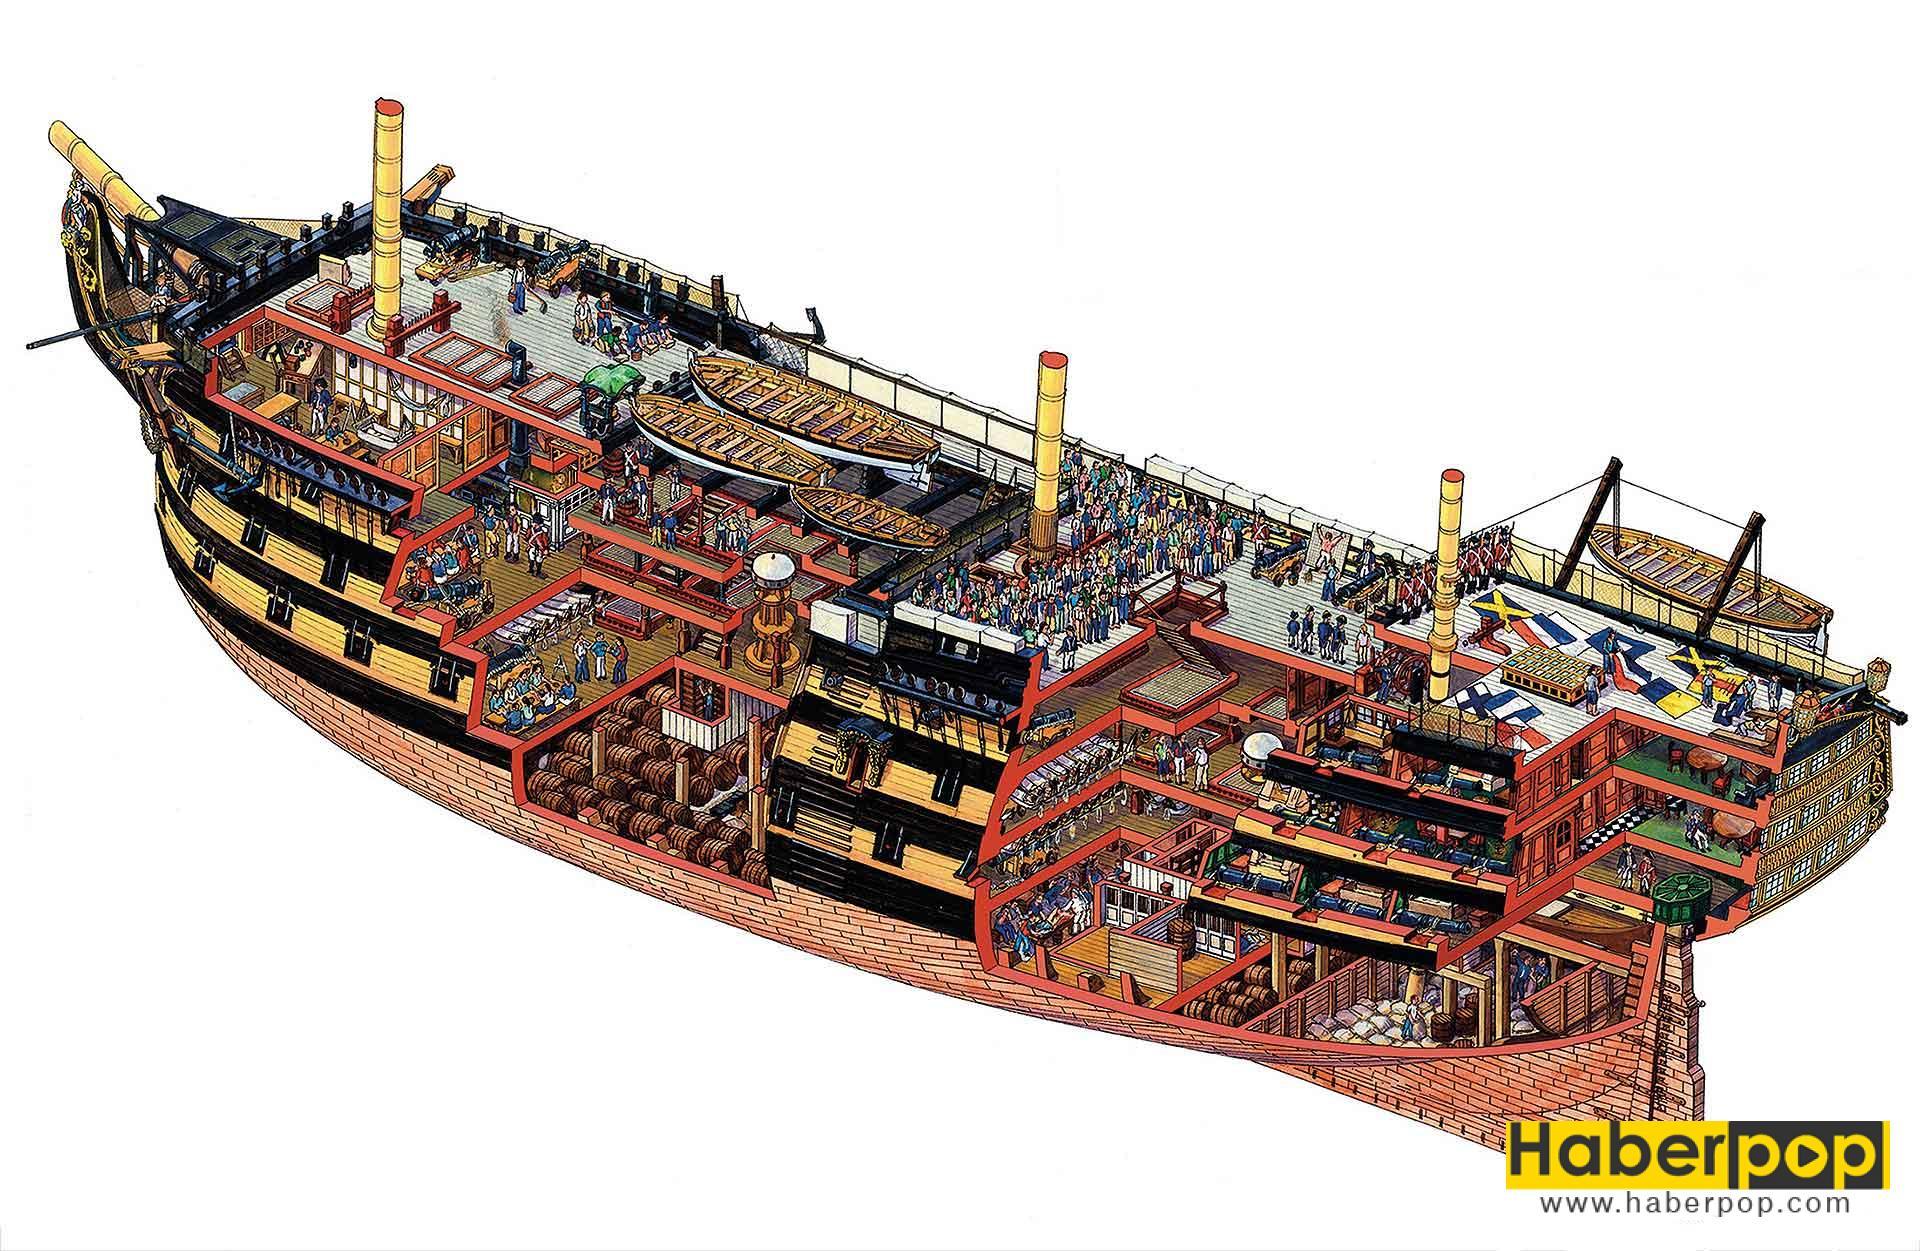 Dünyanın en büyük ve en güçlü yelkenli savaş gemisi: HMS Victory